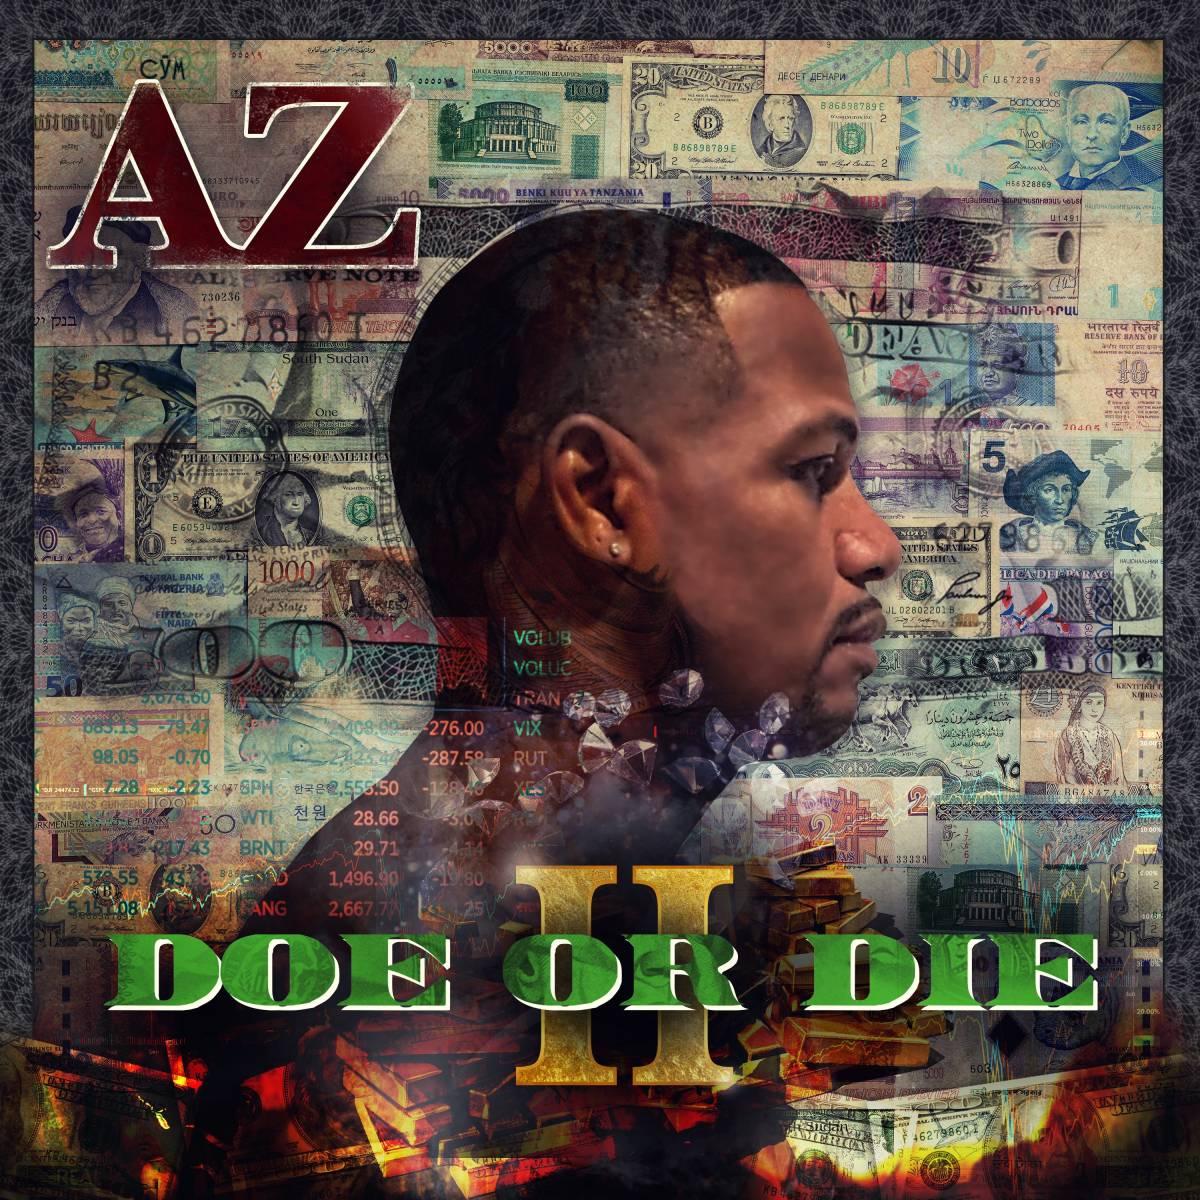 AZ - Doe or Die II